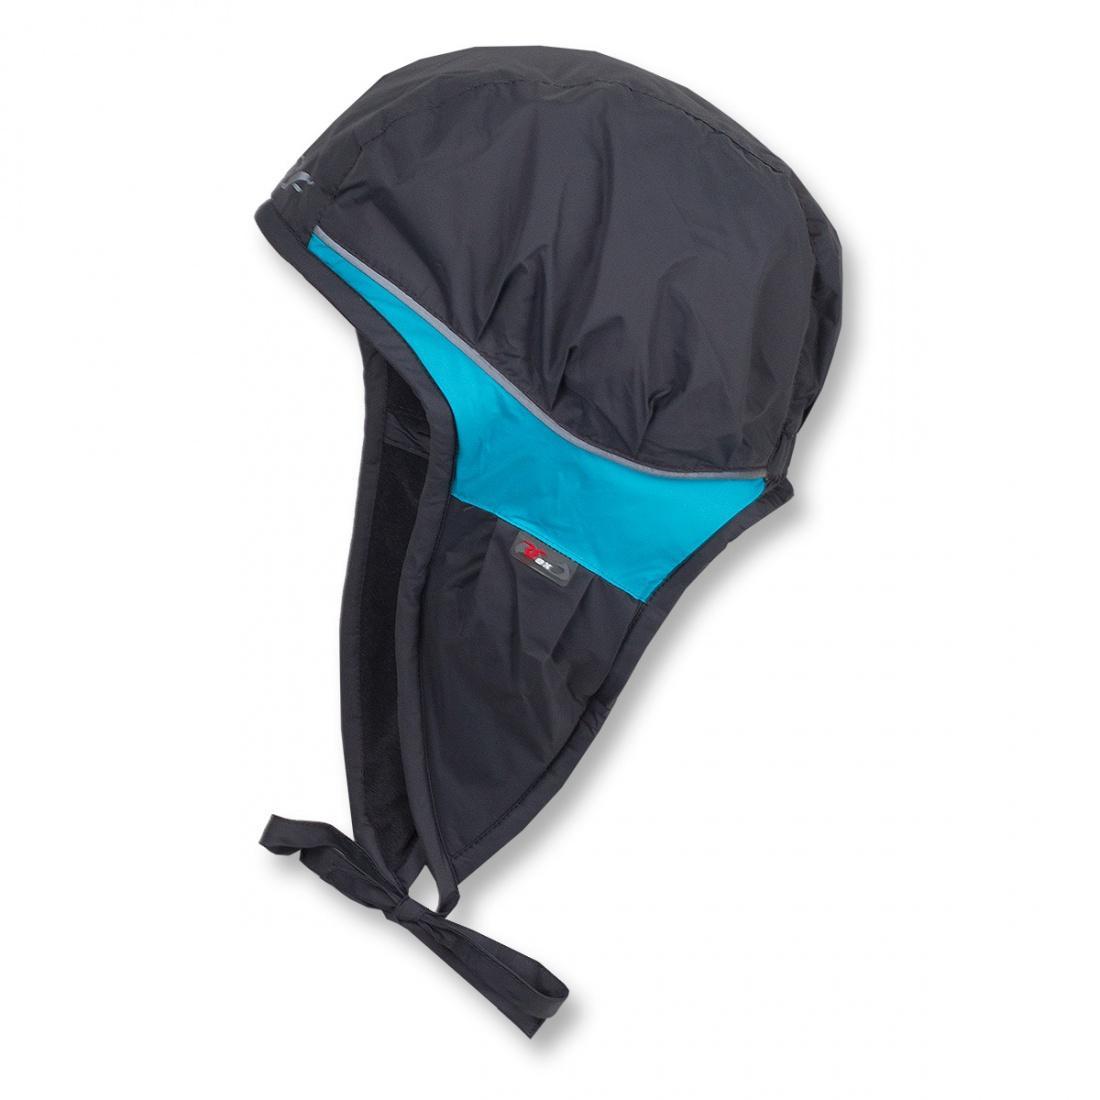 Шапка детская TressУшанки<br><br> Яркая контрастная шапочка прекрасно выделяет ребенка из толпы.<br><br> <br><br><br><br> Основной материал – Dry Factor 1000.<br><br> <br><br><br> Утеп...<br><br>Цвет: Голубой<br>Размер: XL